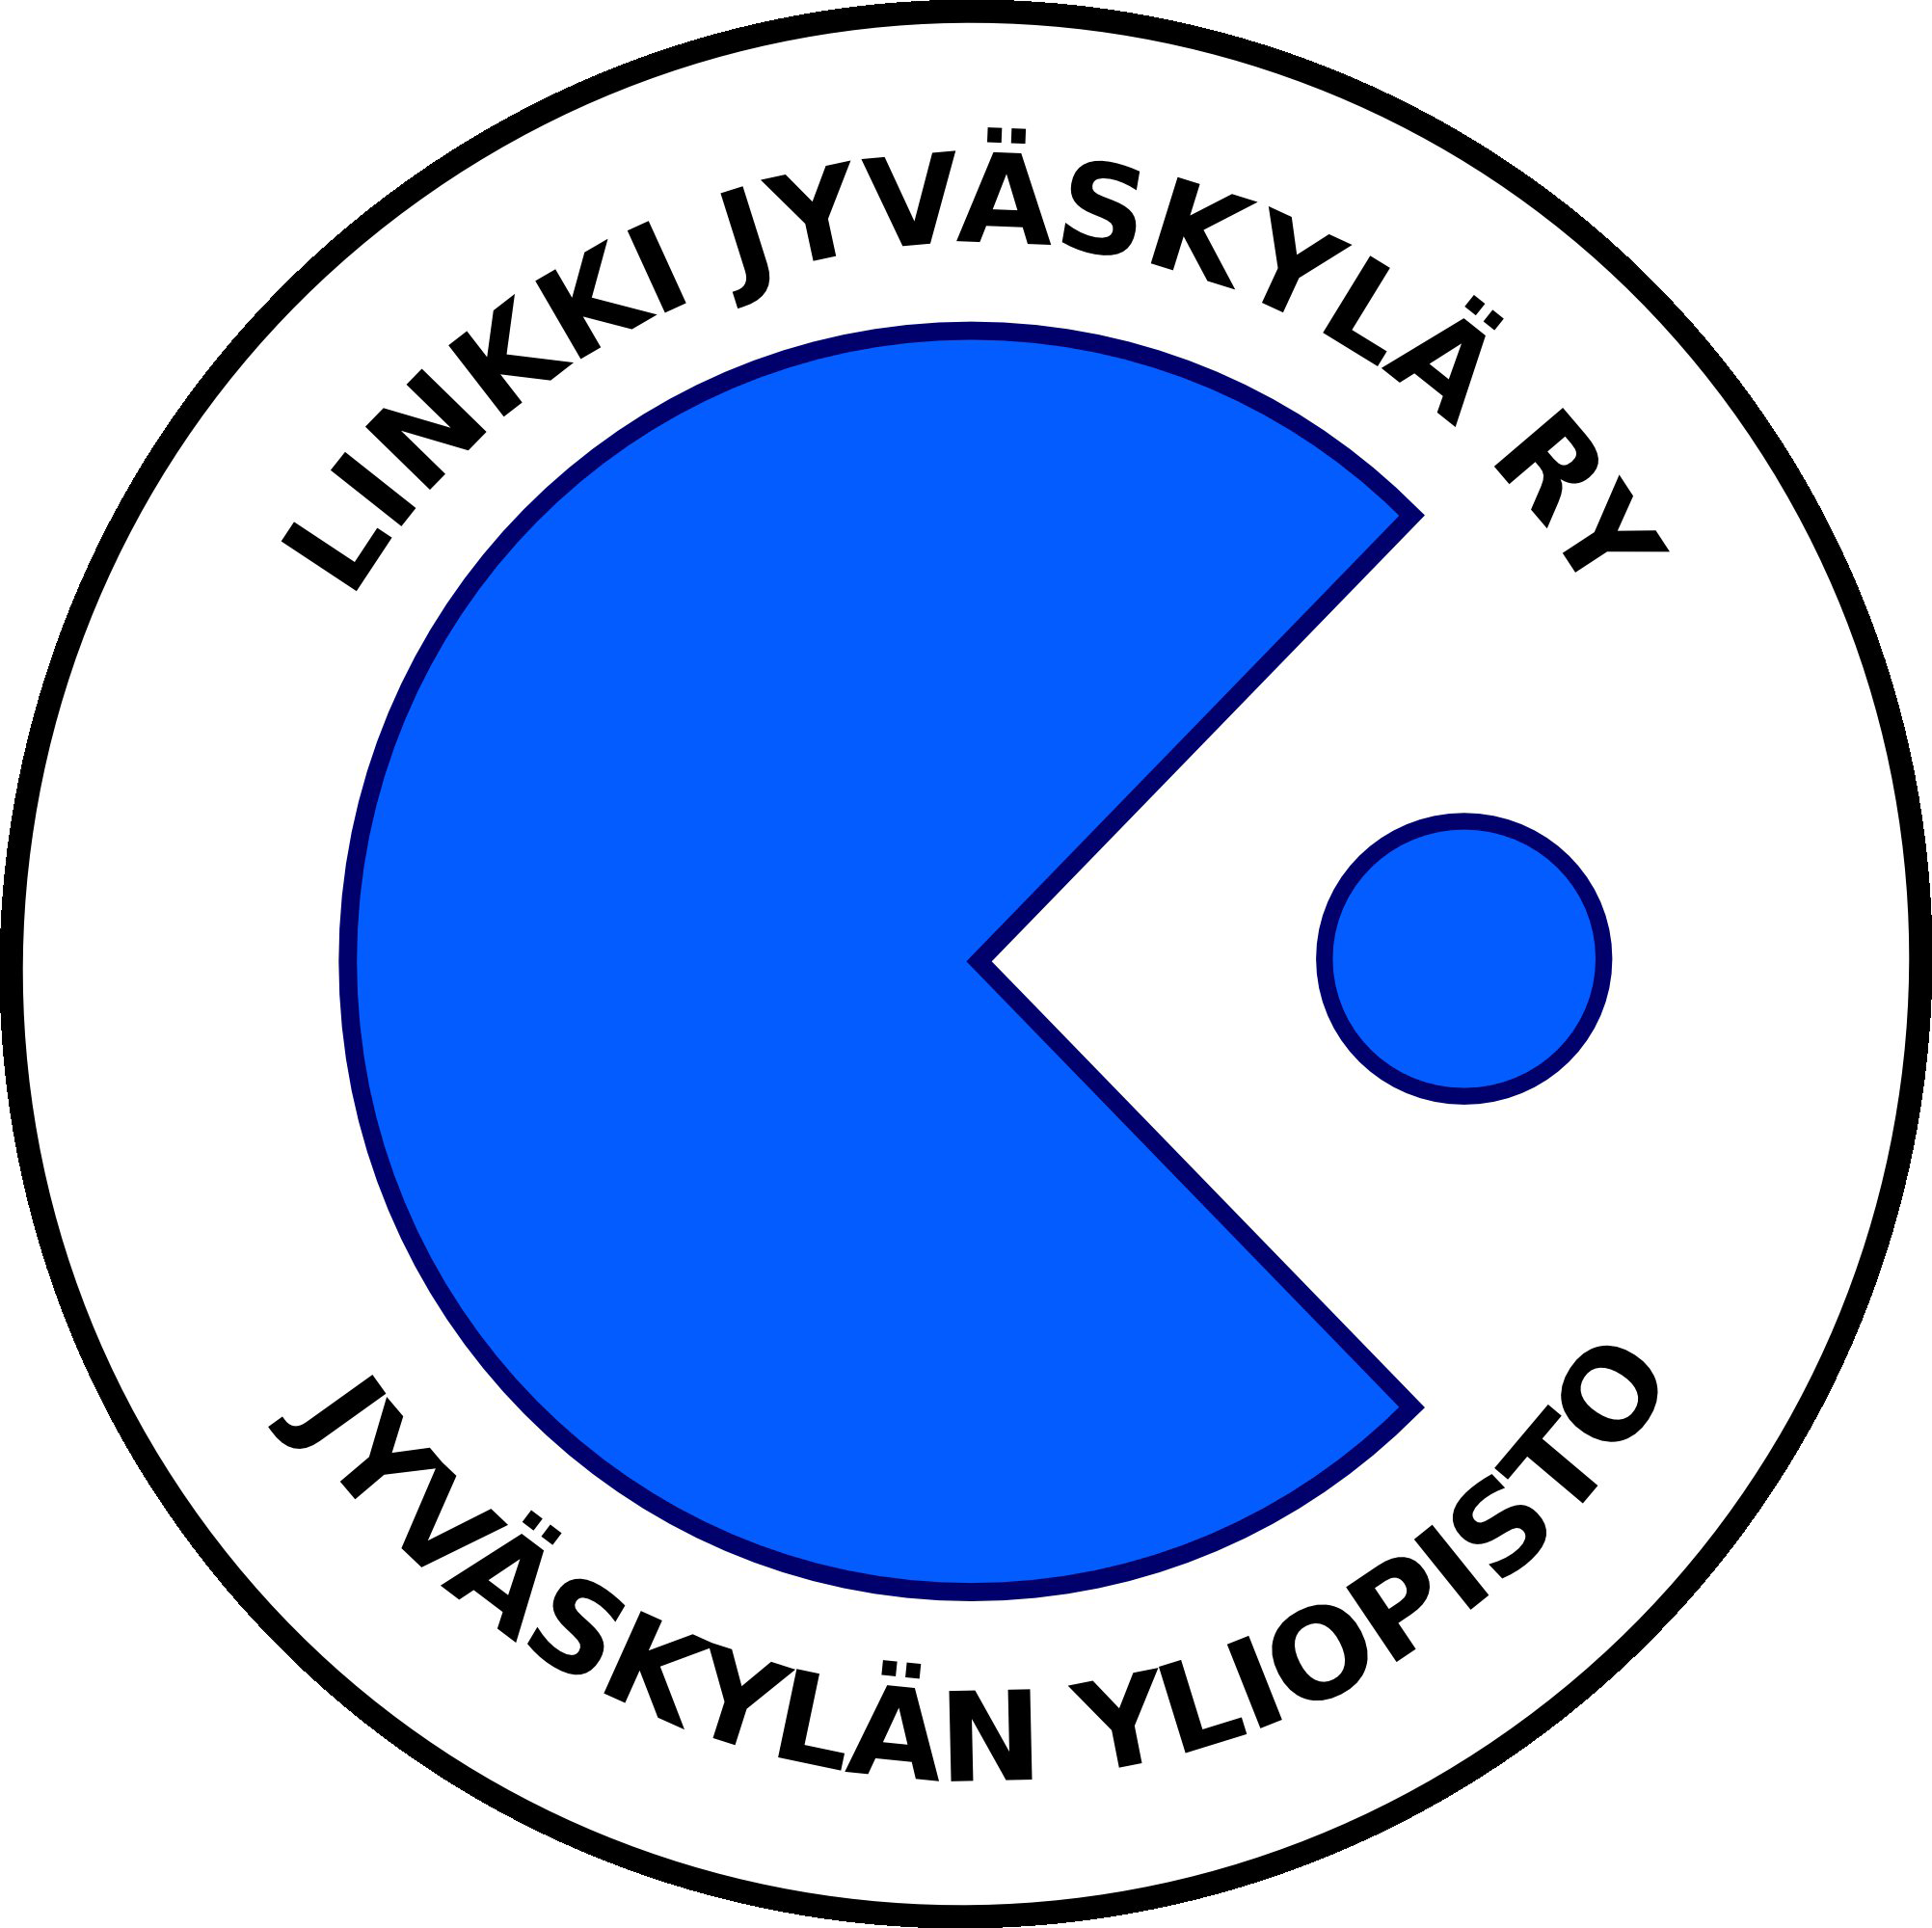 Yritys: Linkki Jyväskylä ry